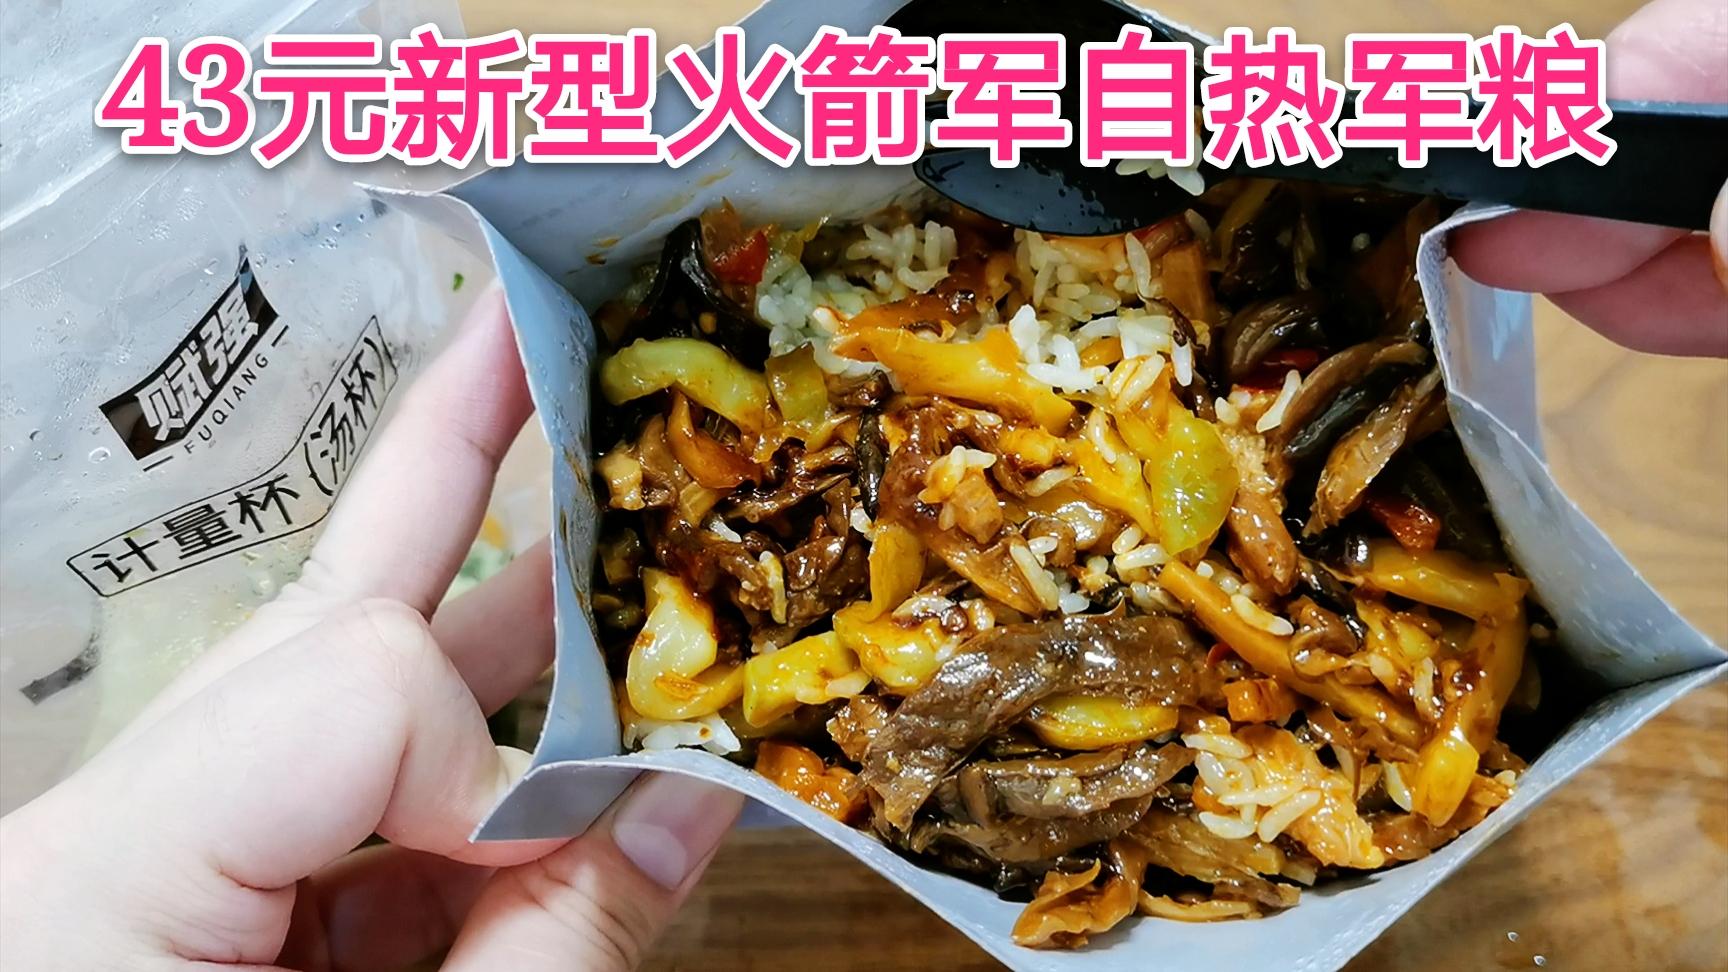 试吃43元中国火箭军新型单兵自热食品,国产军粮中最好吃的一款